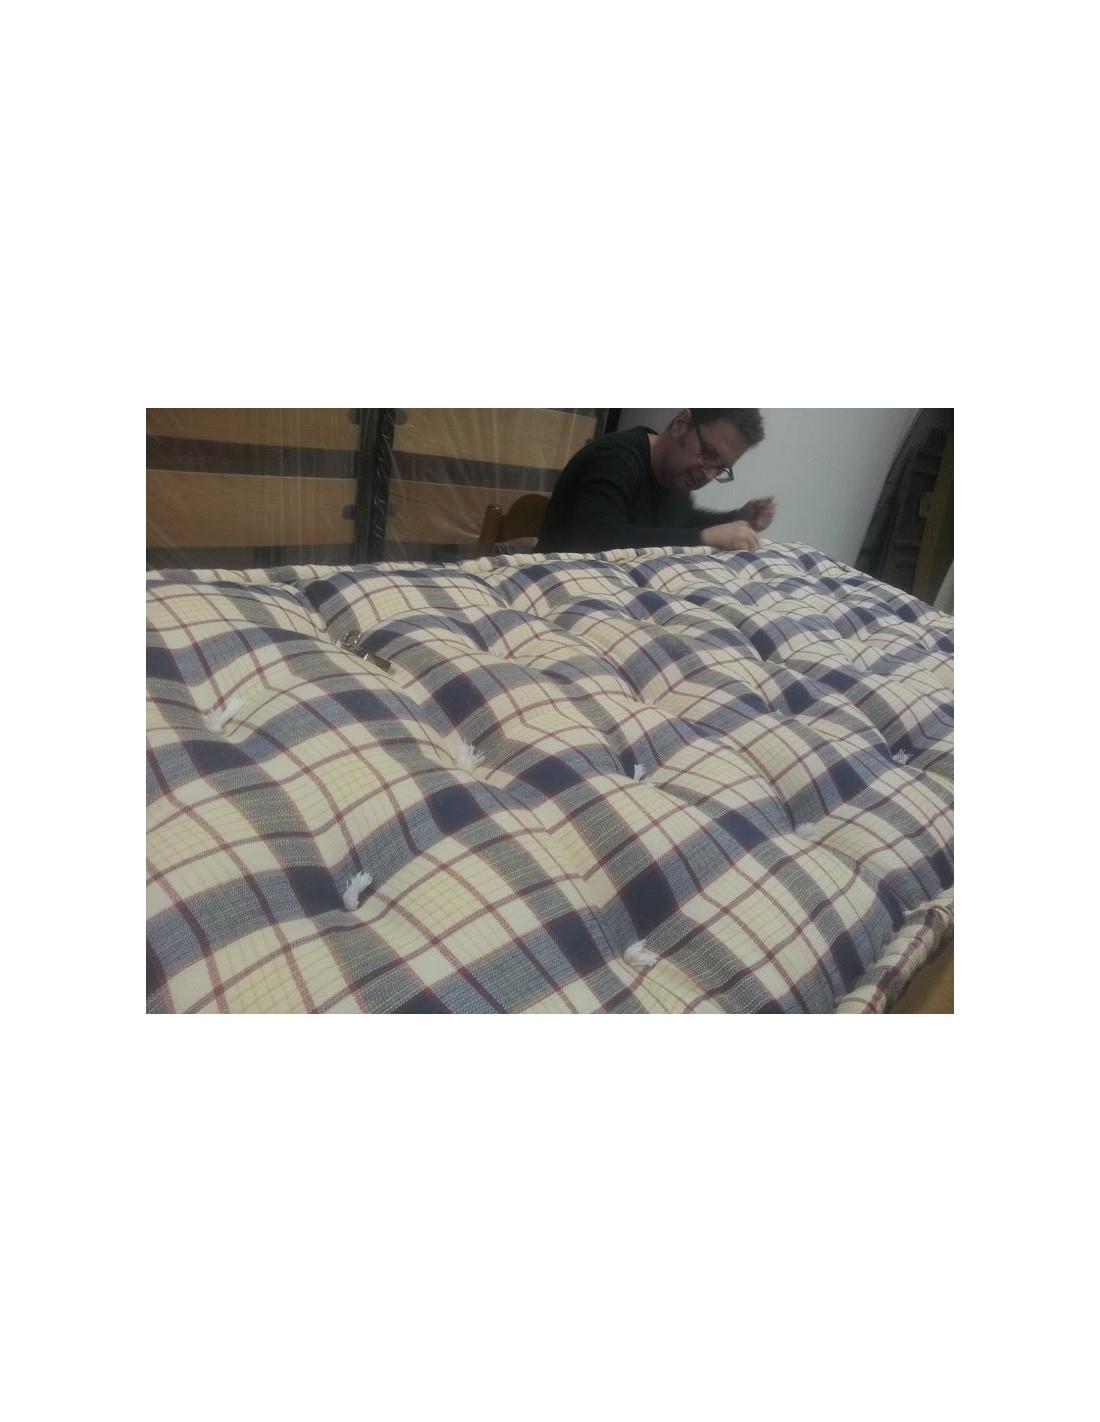 Materassi per divano come cuscini colorati ad uso letto for Materassi x divano letto